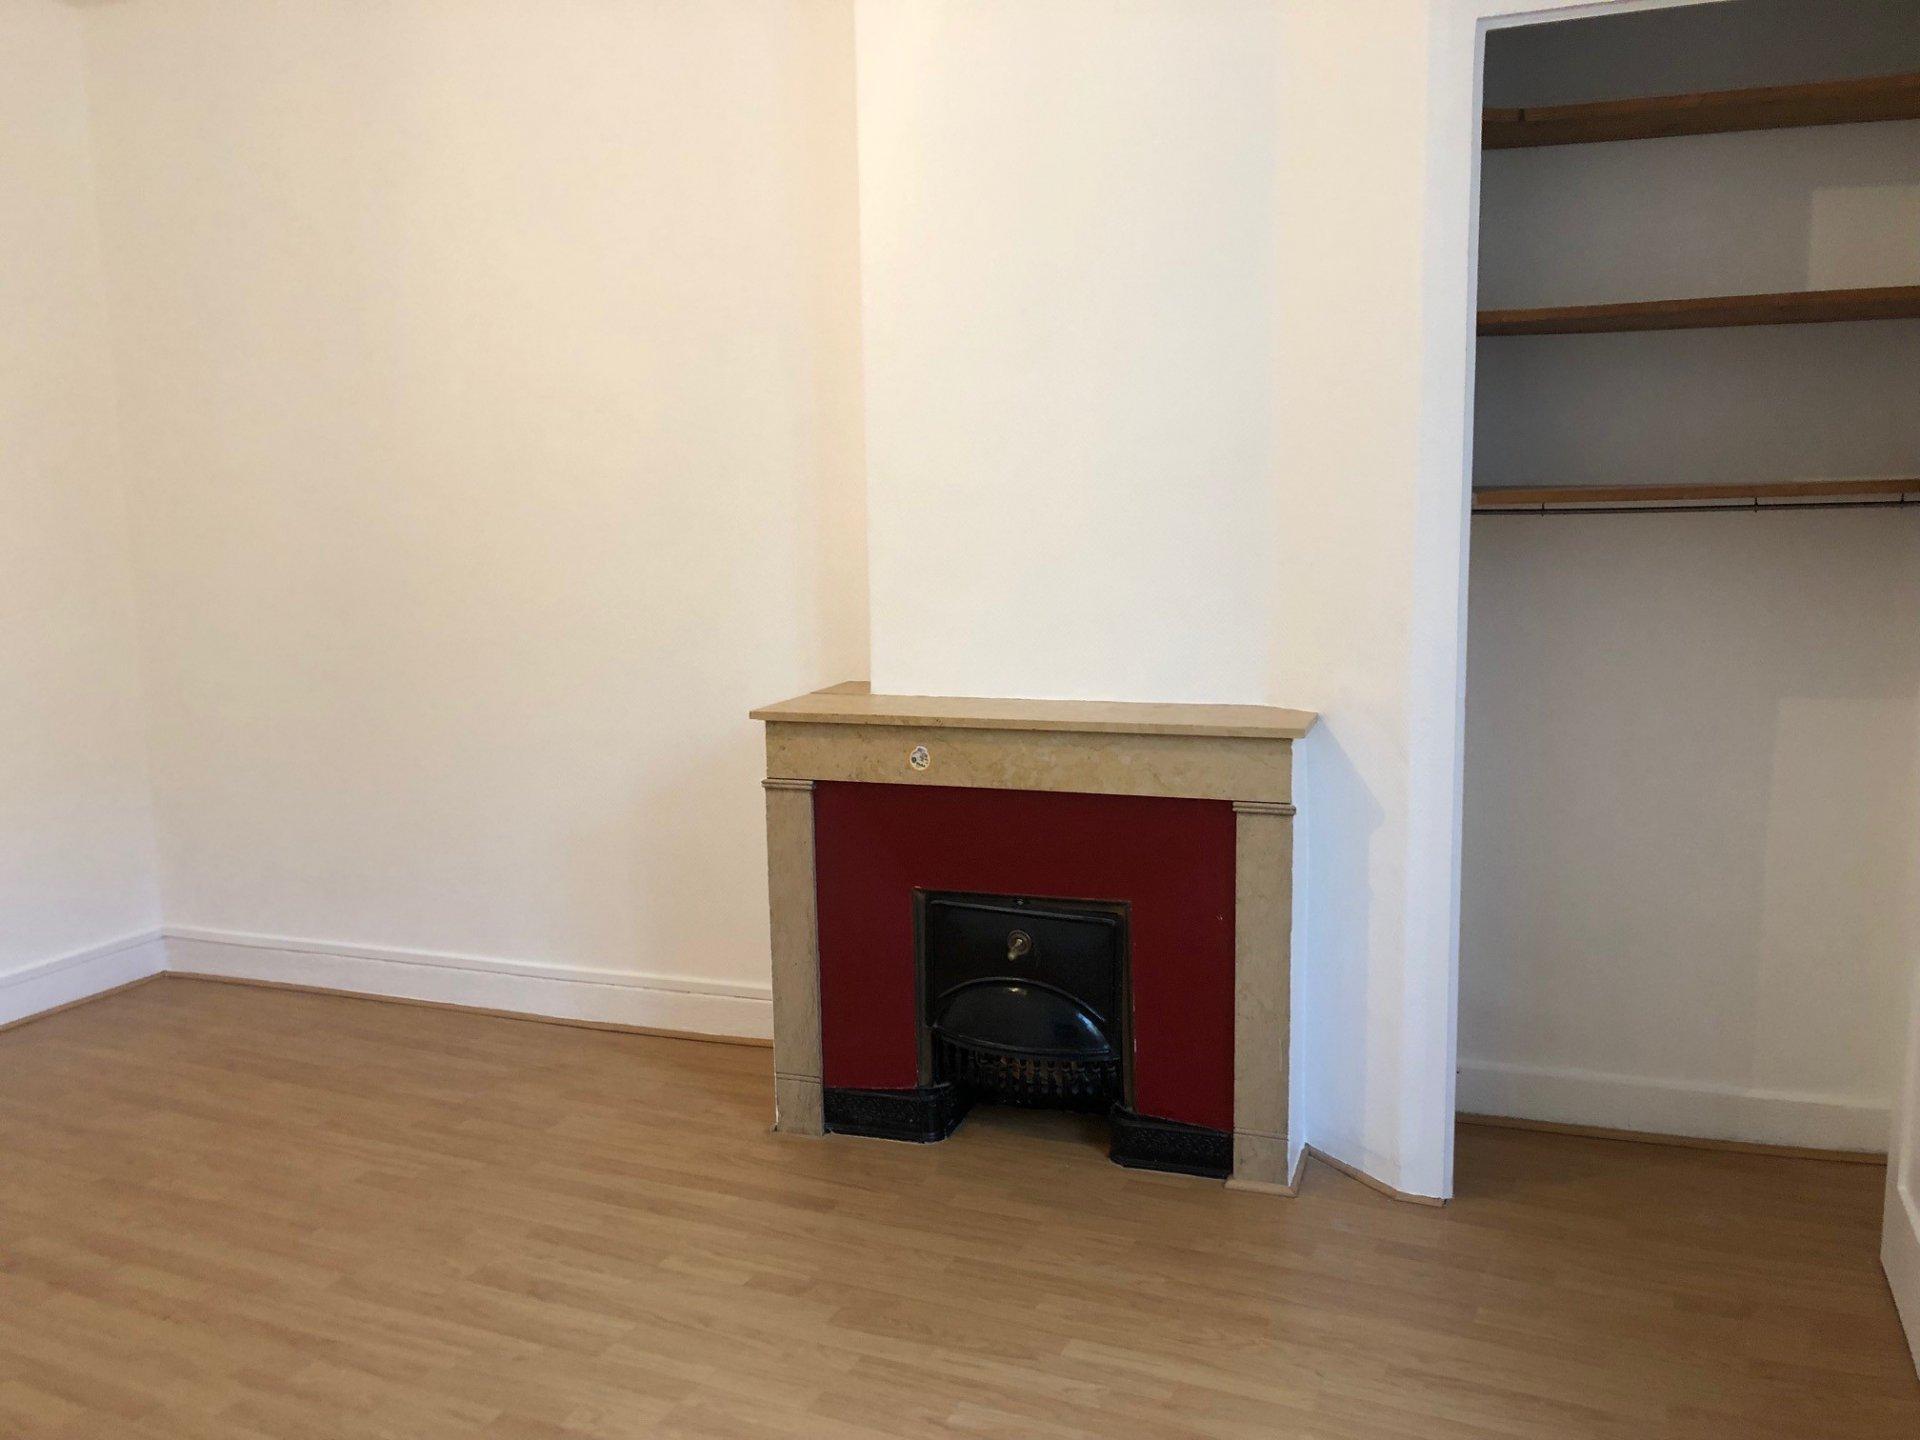 SAINT-ETIENNE CARNOT - Appartement T2 rénové